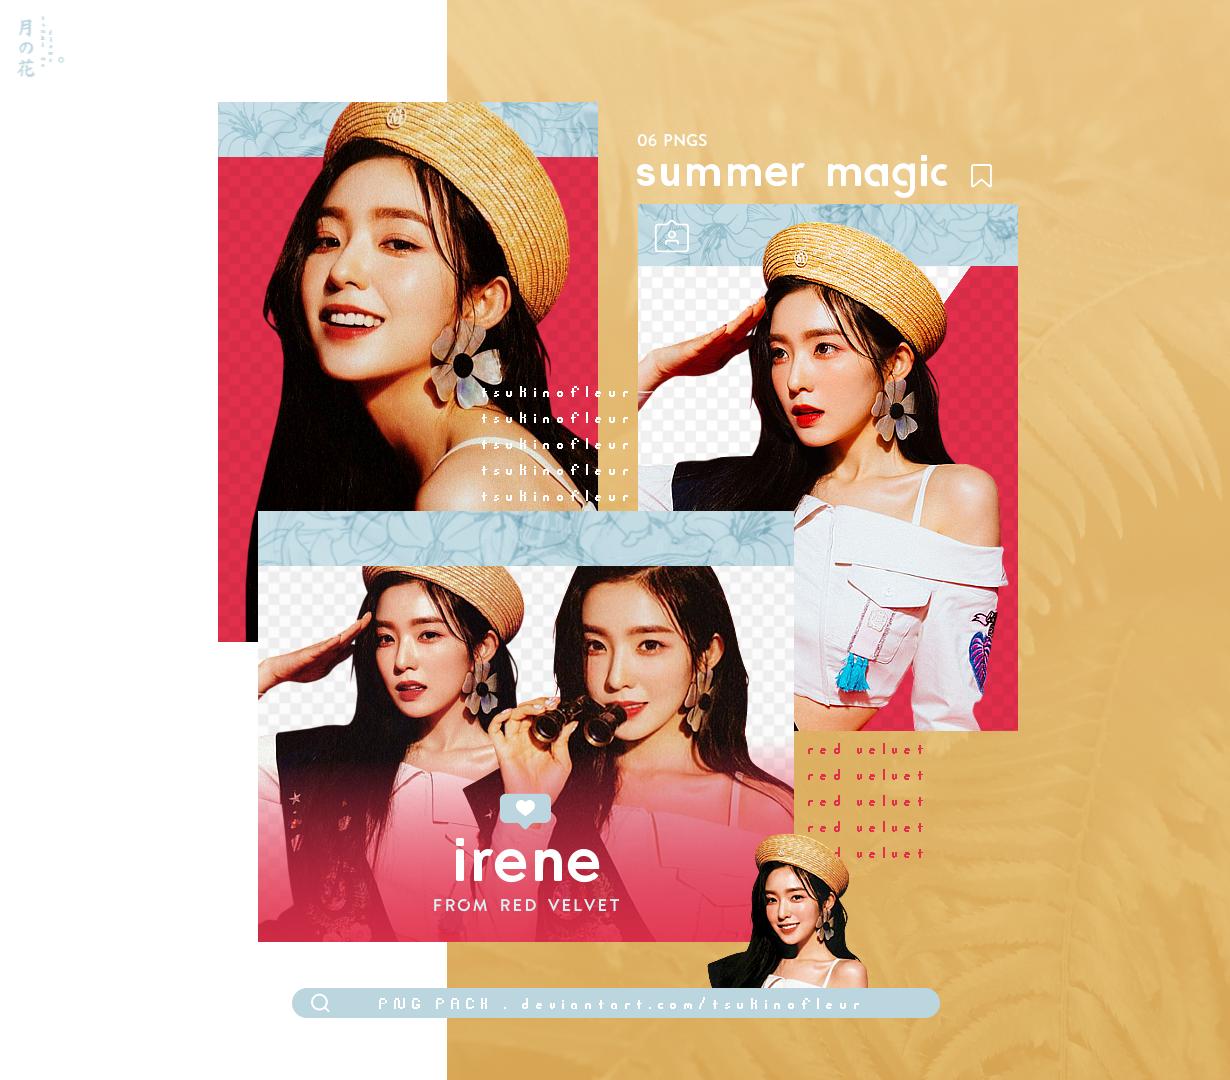 [Red Velvet] IRENE / Summer Magic - PNG PACK